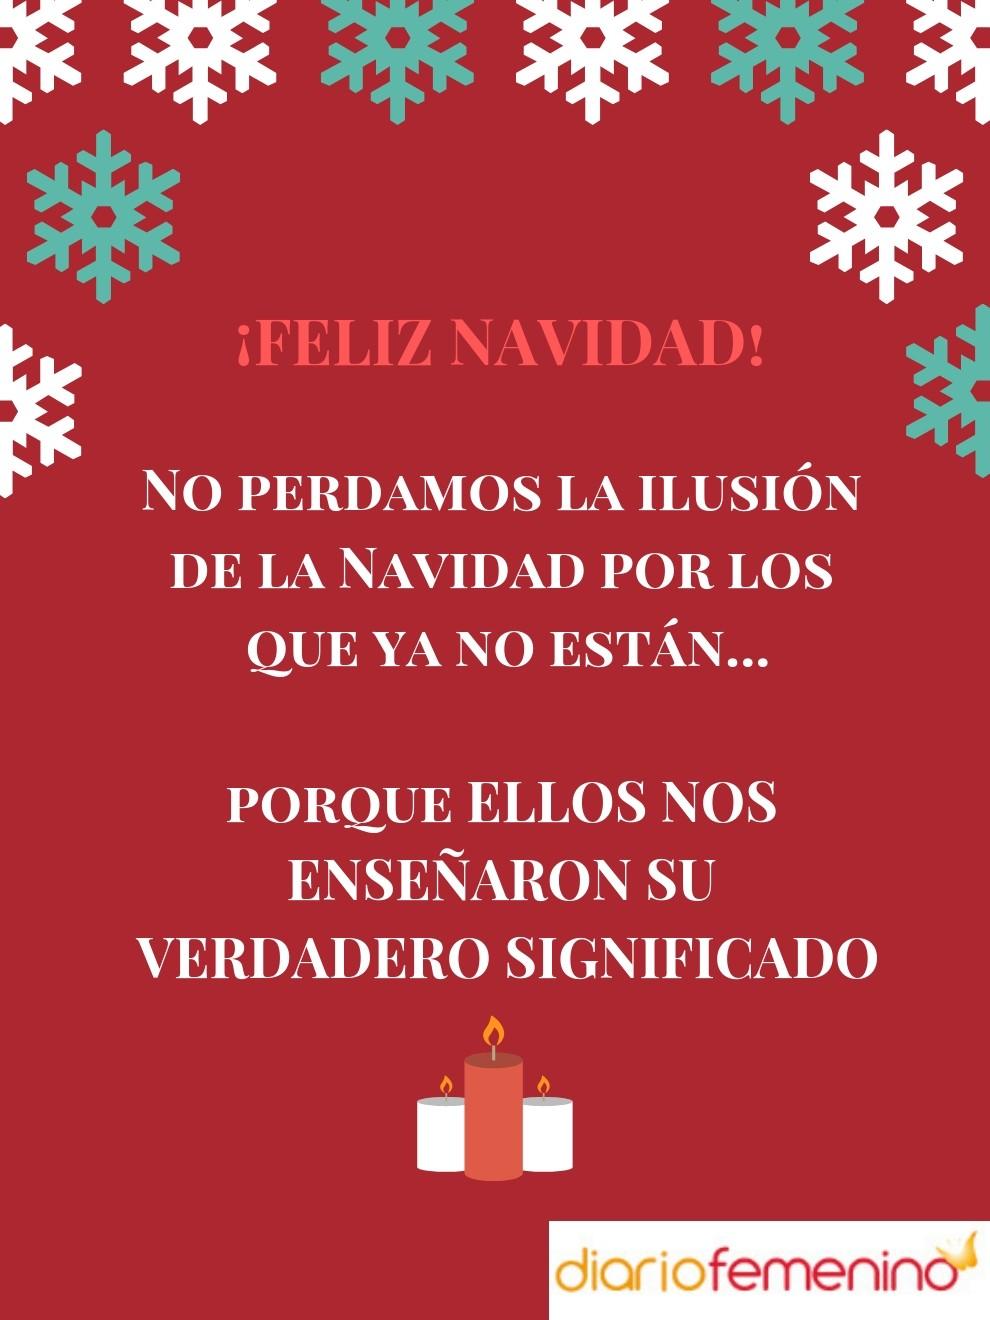 Un Recuerdo A Los Que Ya No Están En Navidad En Tus Frases